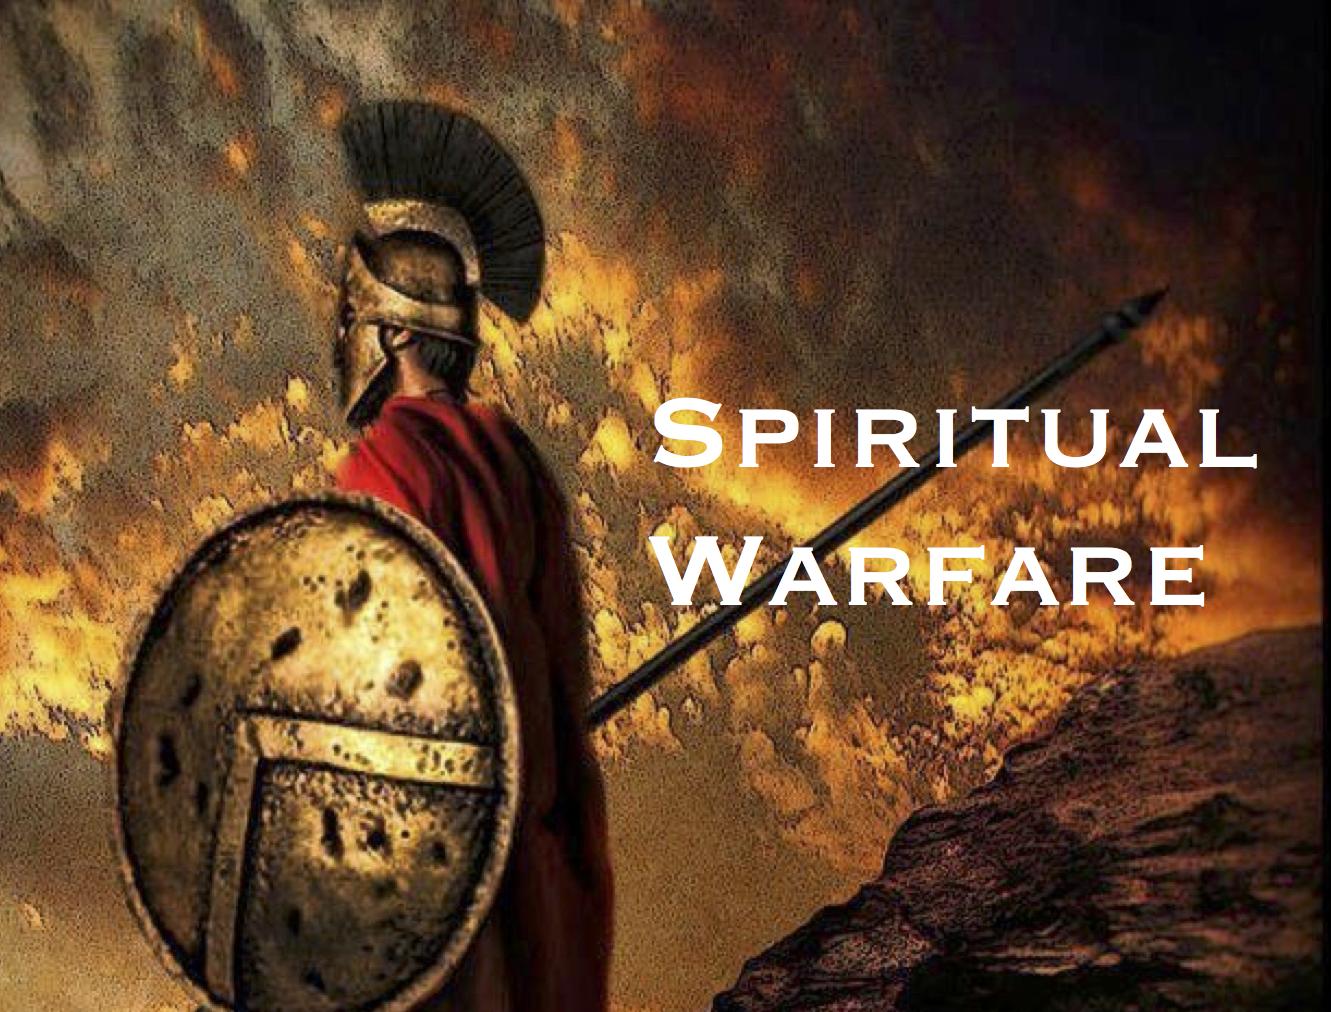 SERMON_MEME_SpiritualWarfare.png